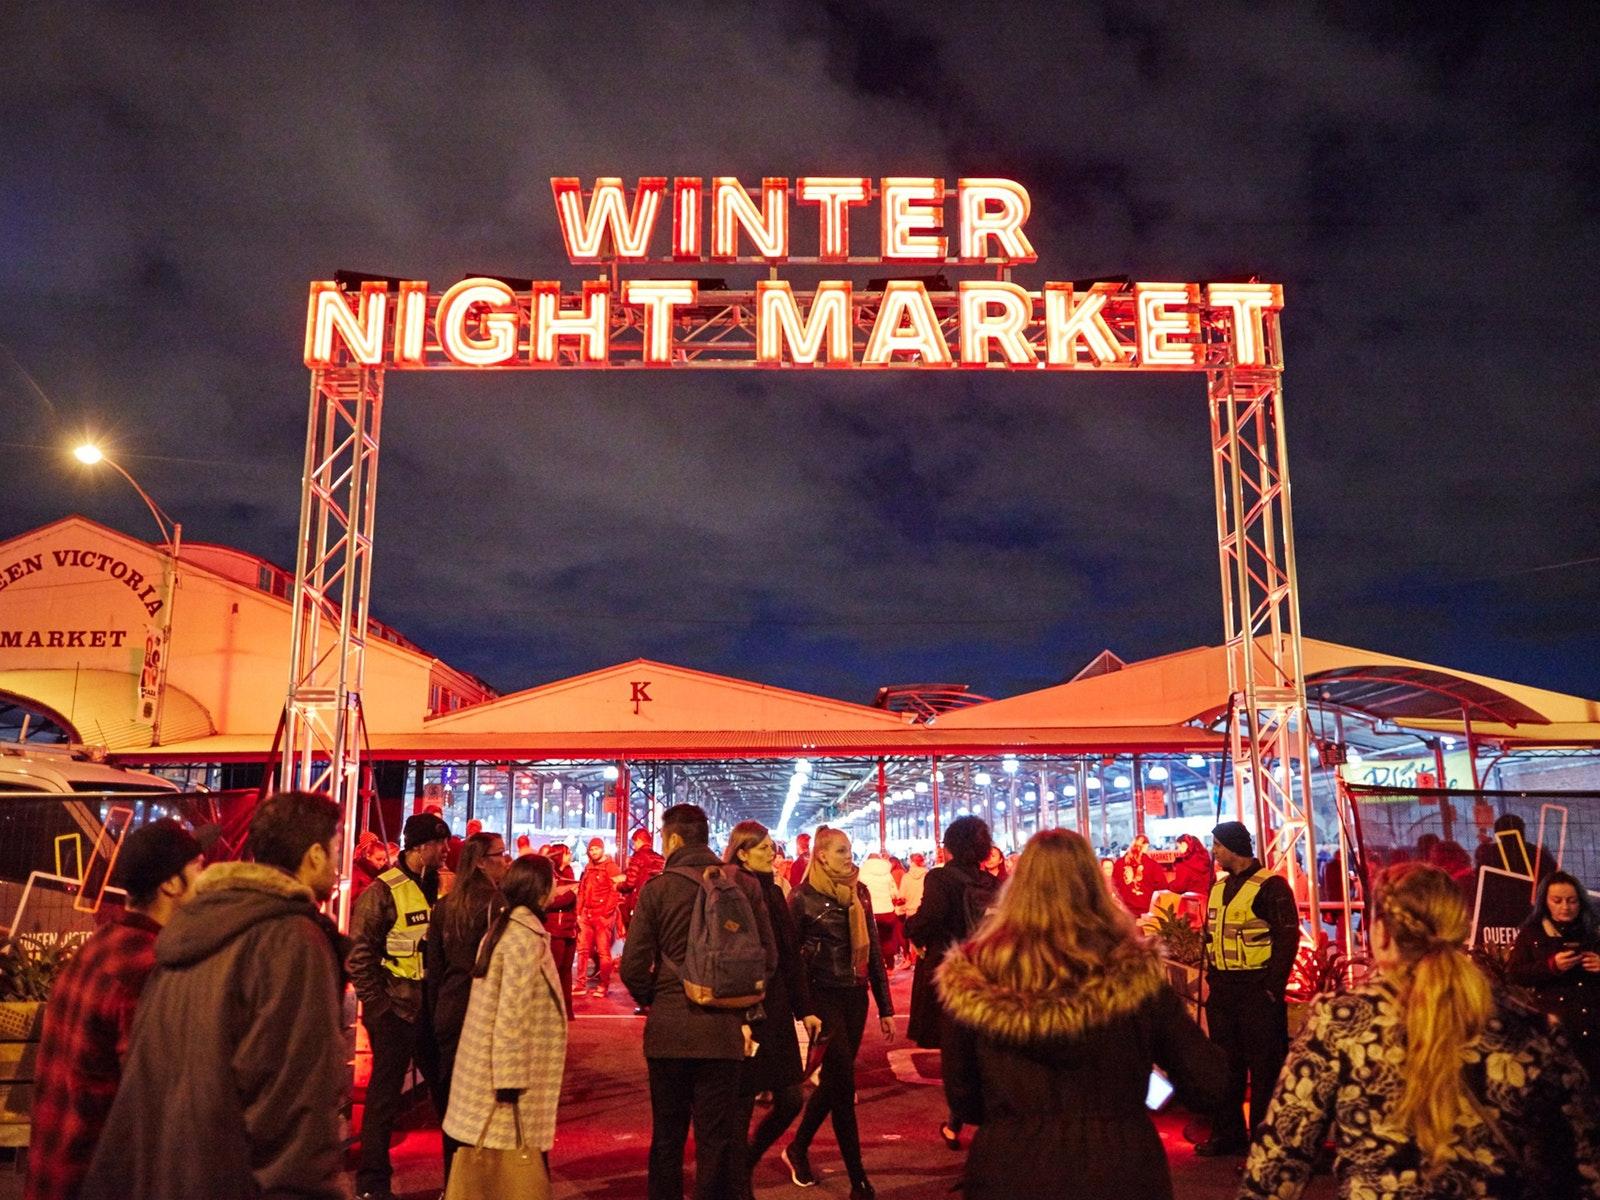 Winter Night Market Entrance